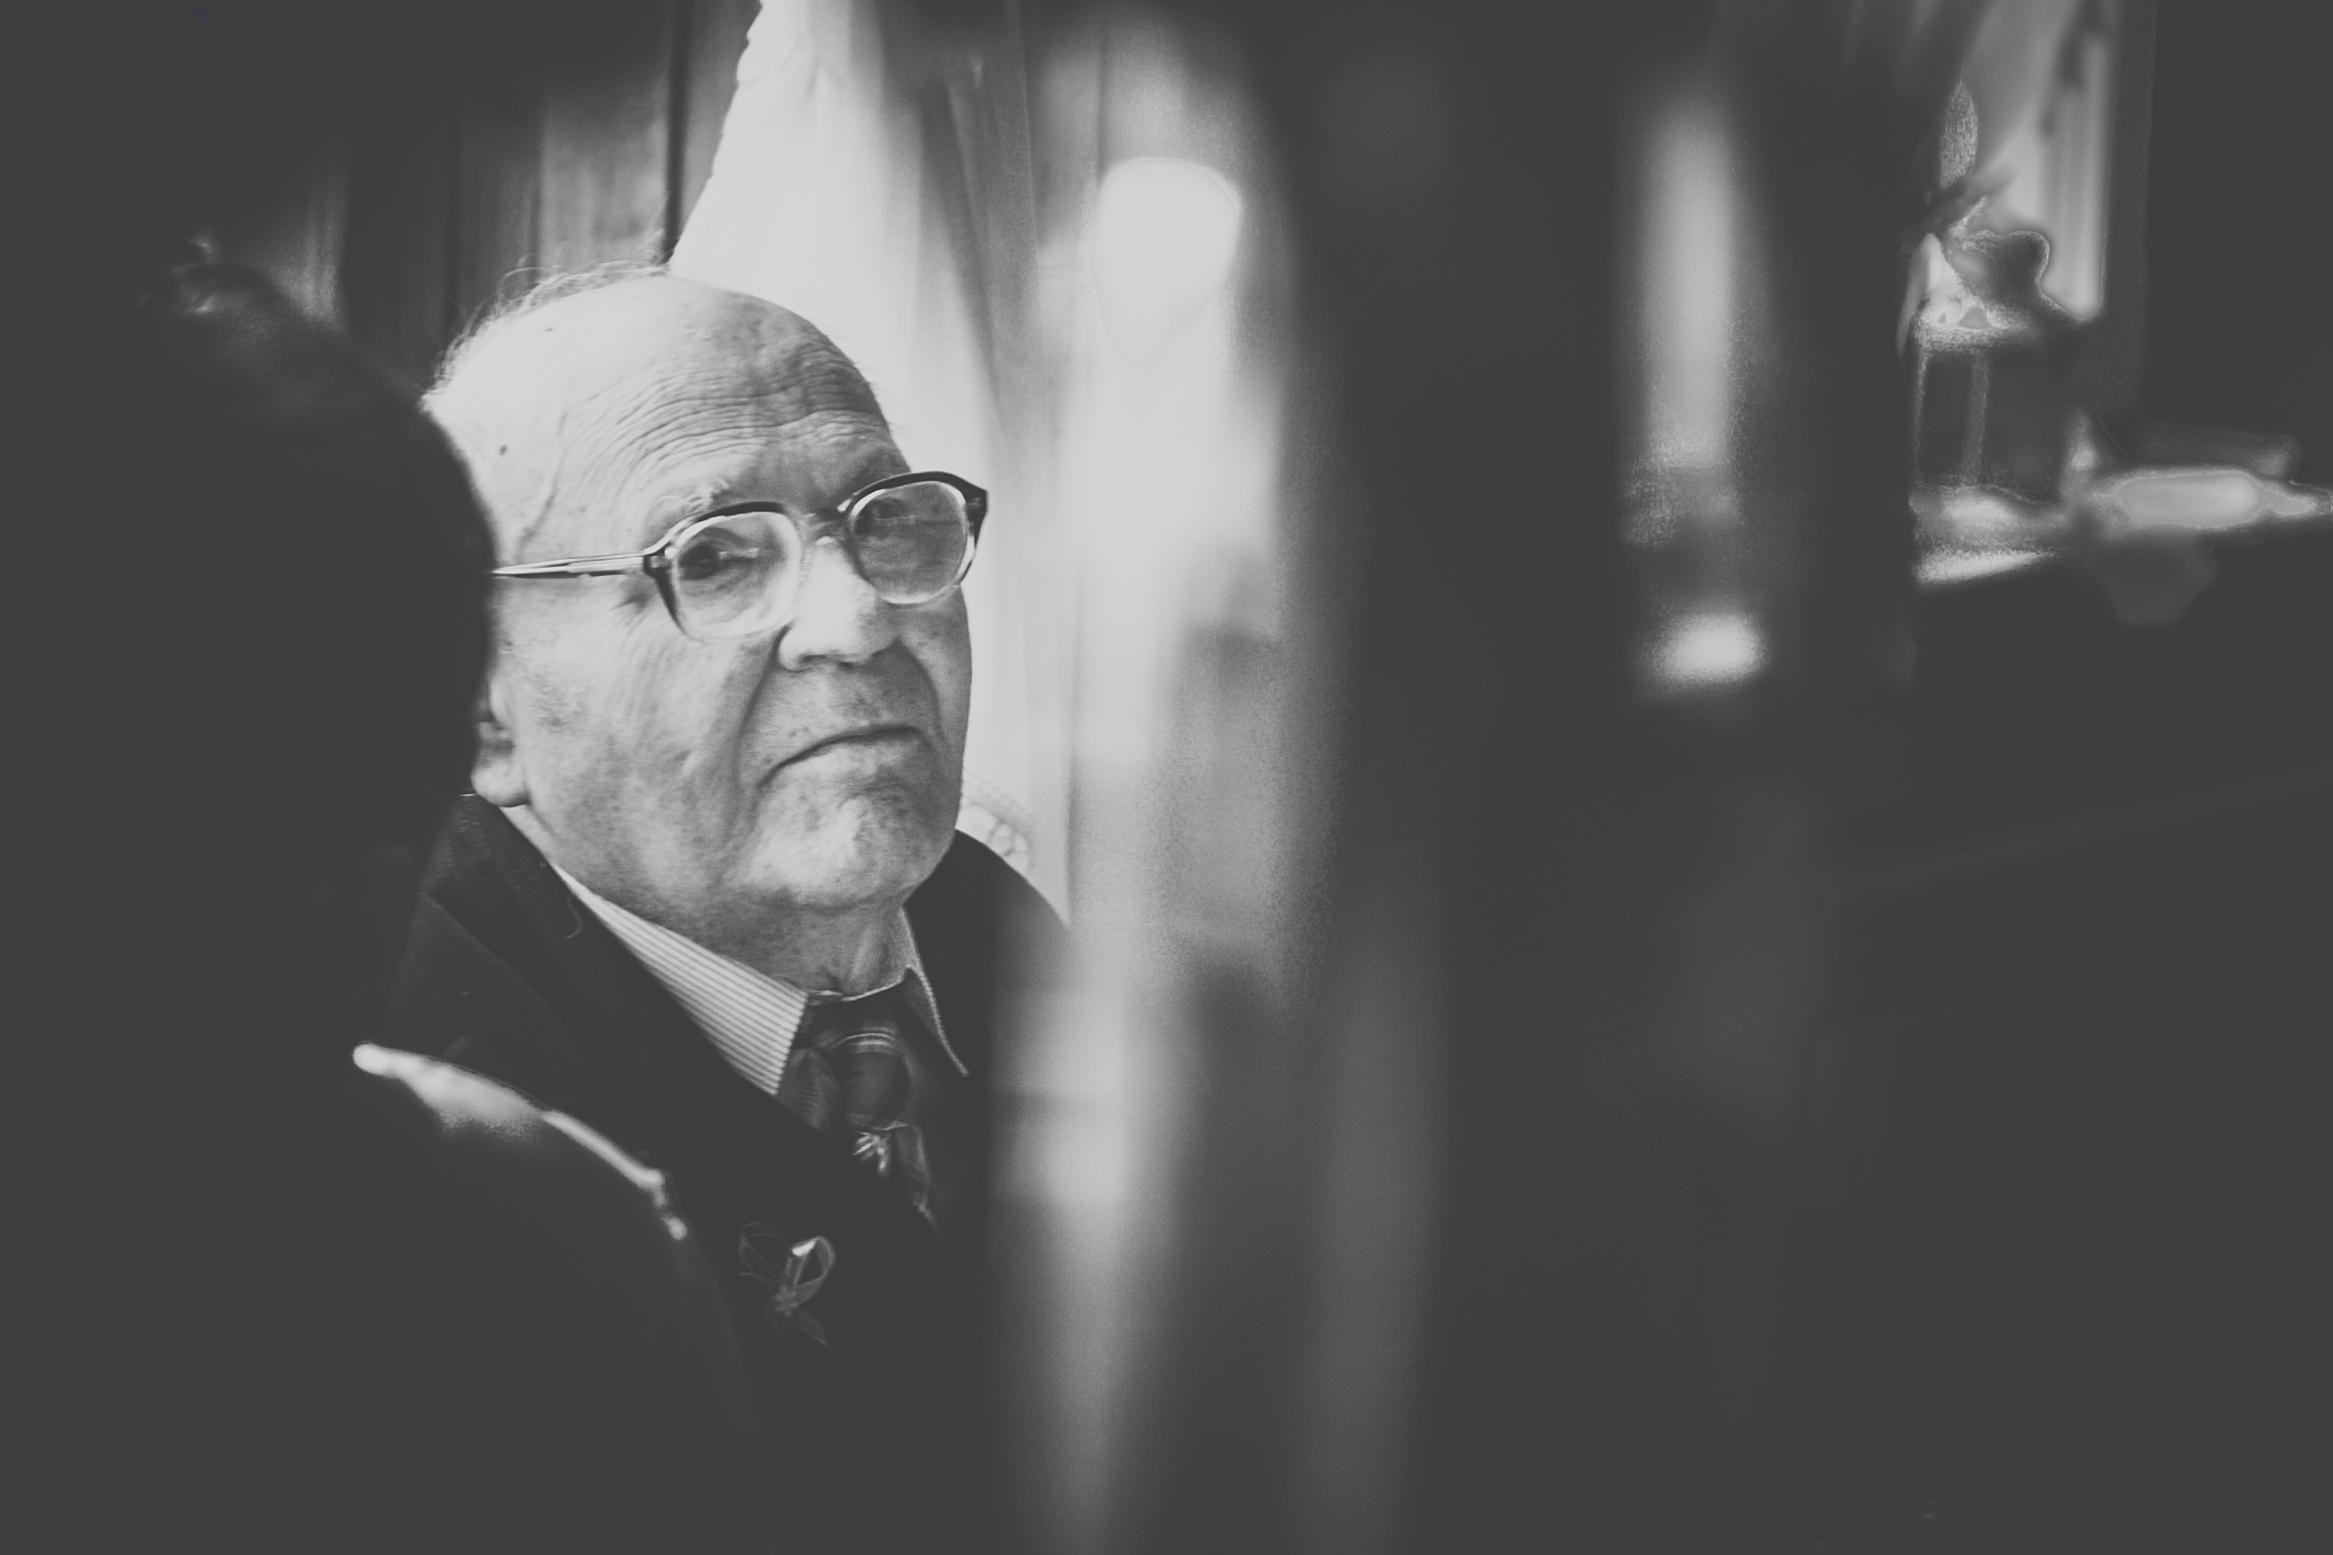 OŚWIĘCIM. Dziś pogrzeb Jana Ptaszkowskiego